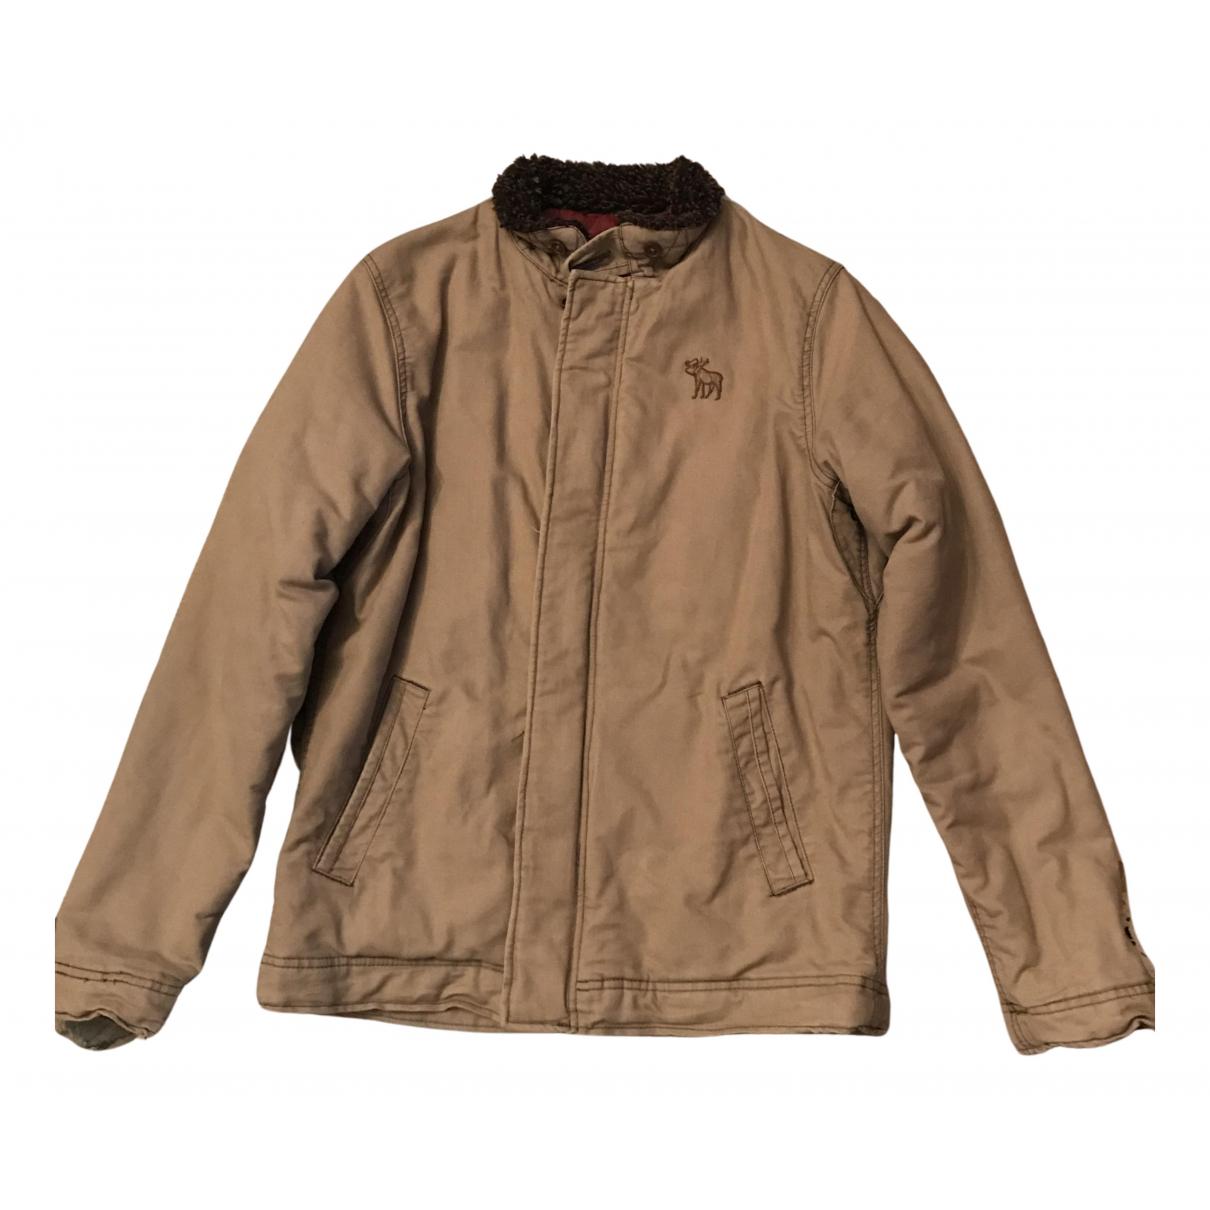 Abercrombie & Fitch - Vestes.Blousons   pour homme en coton - beige